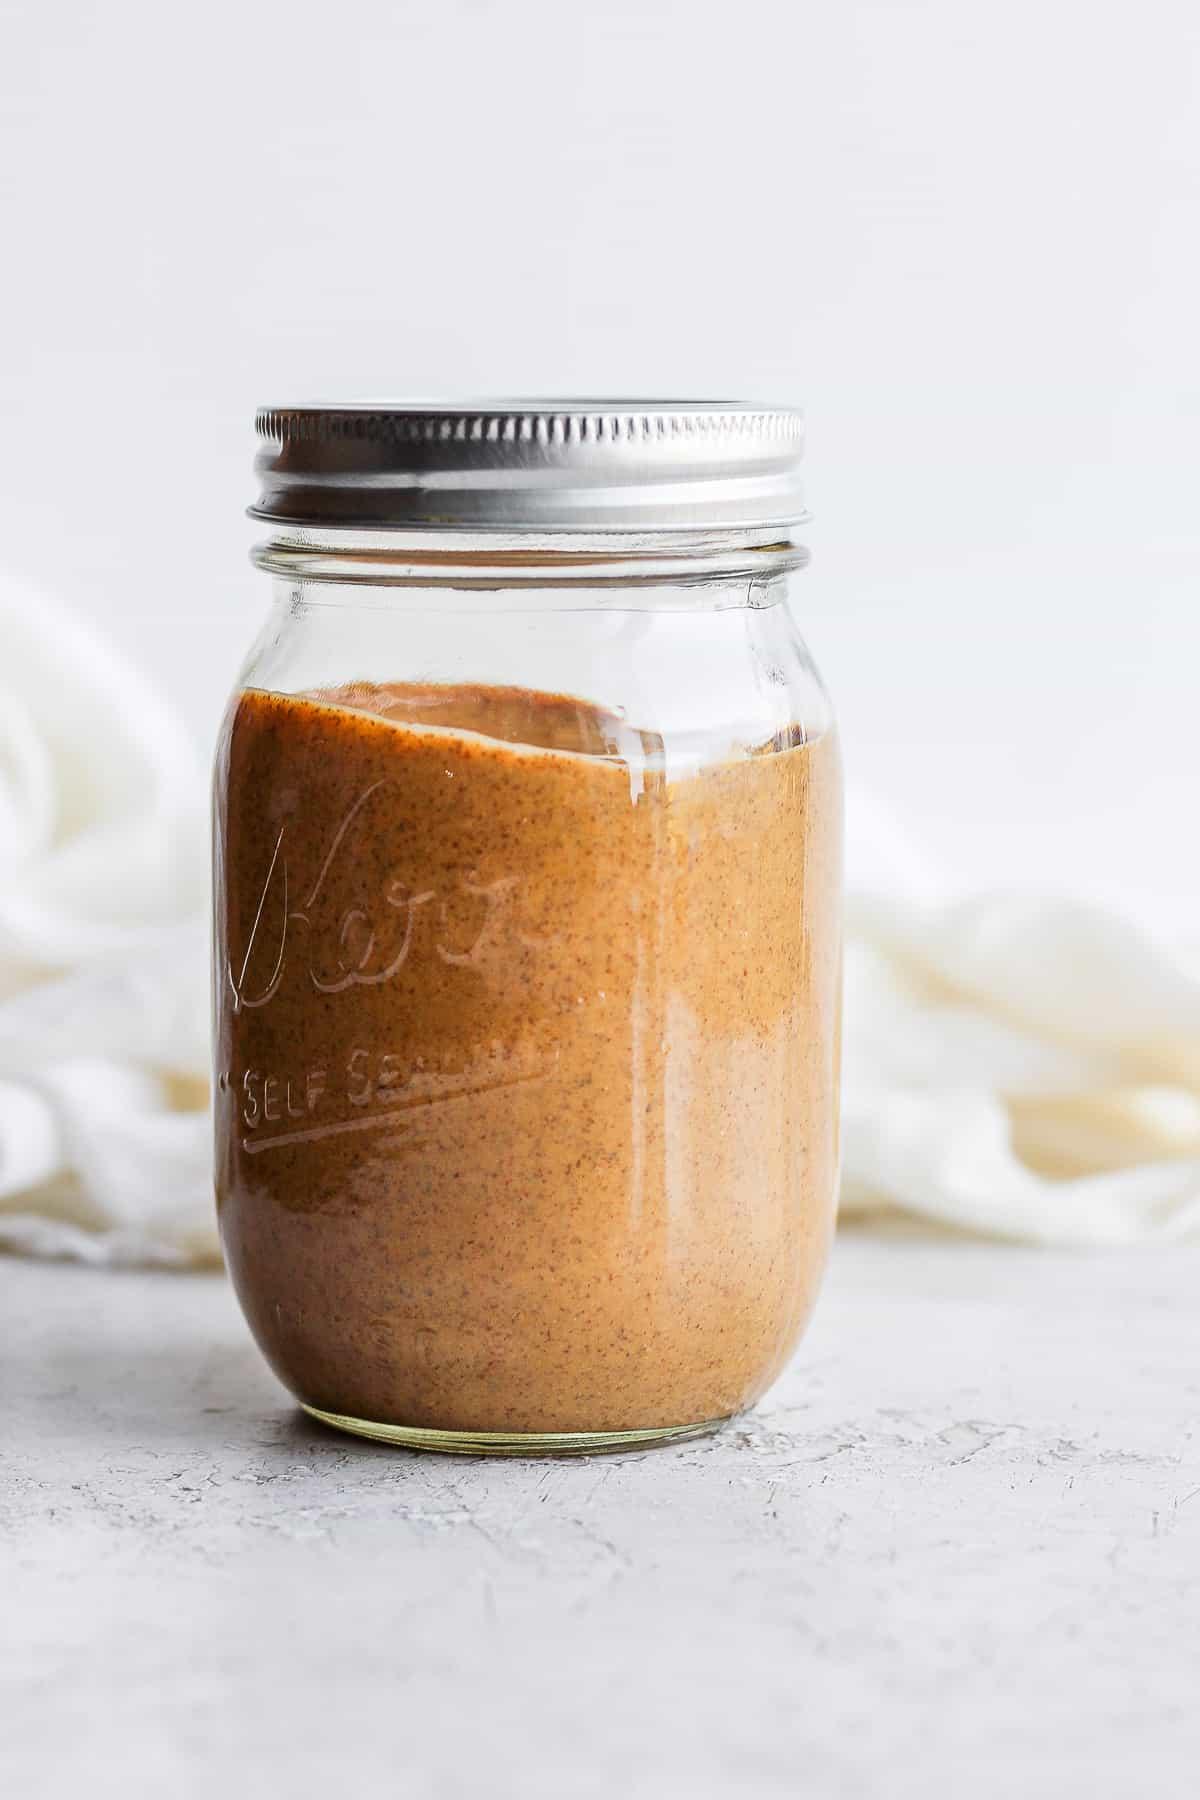 Homemade almond butter in a mason jar